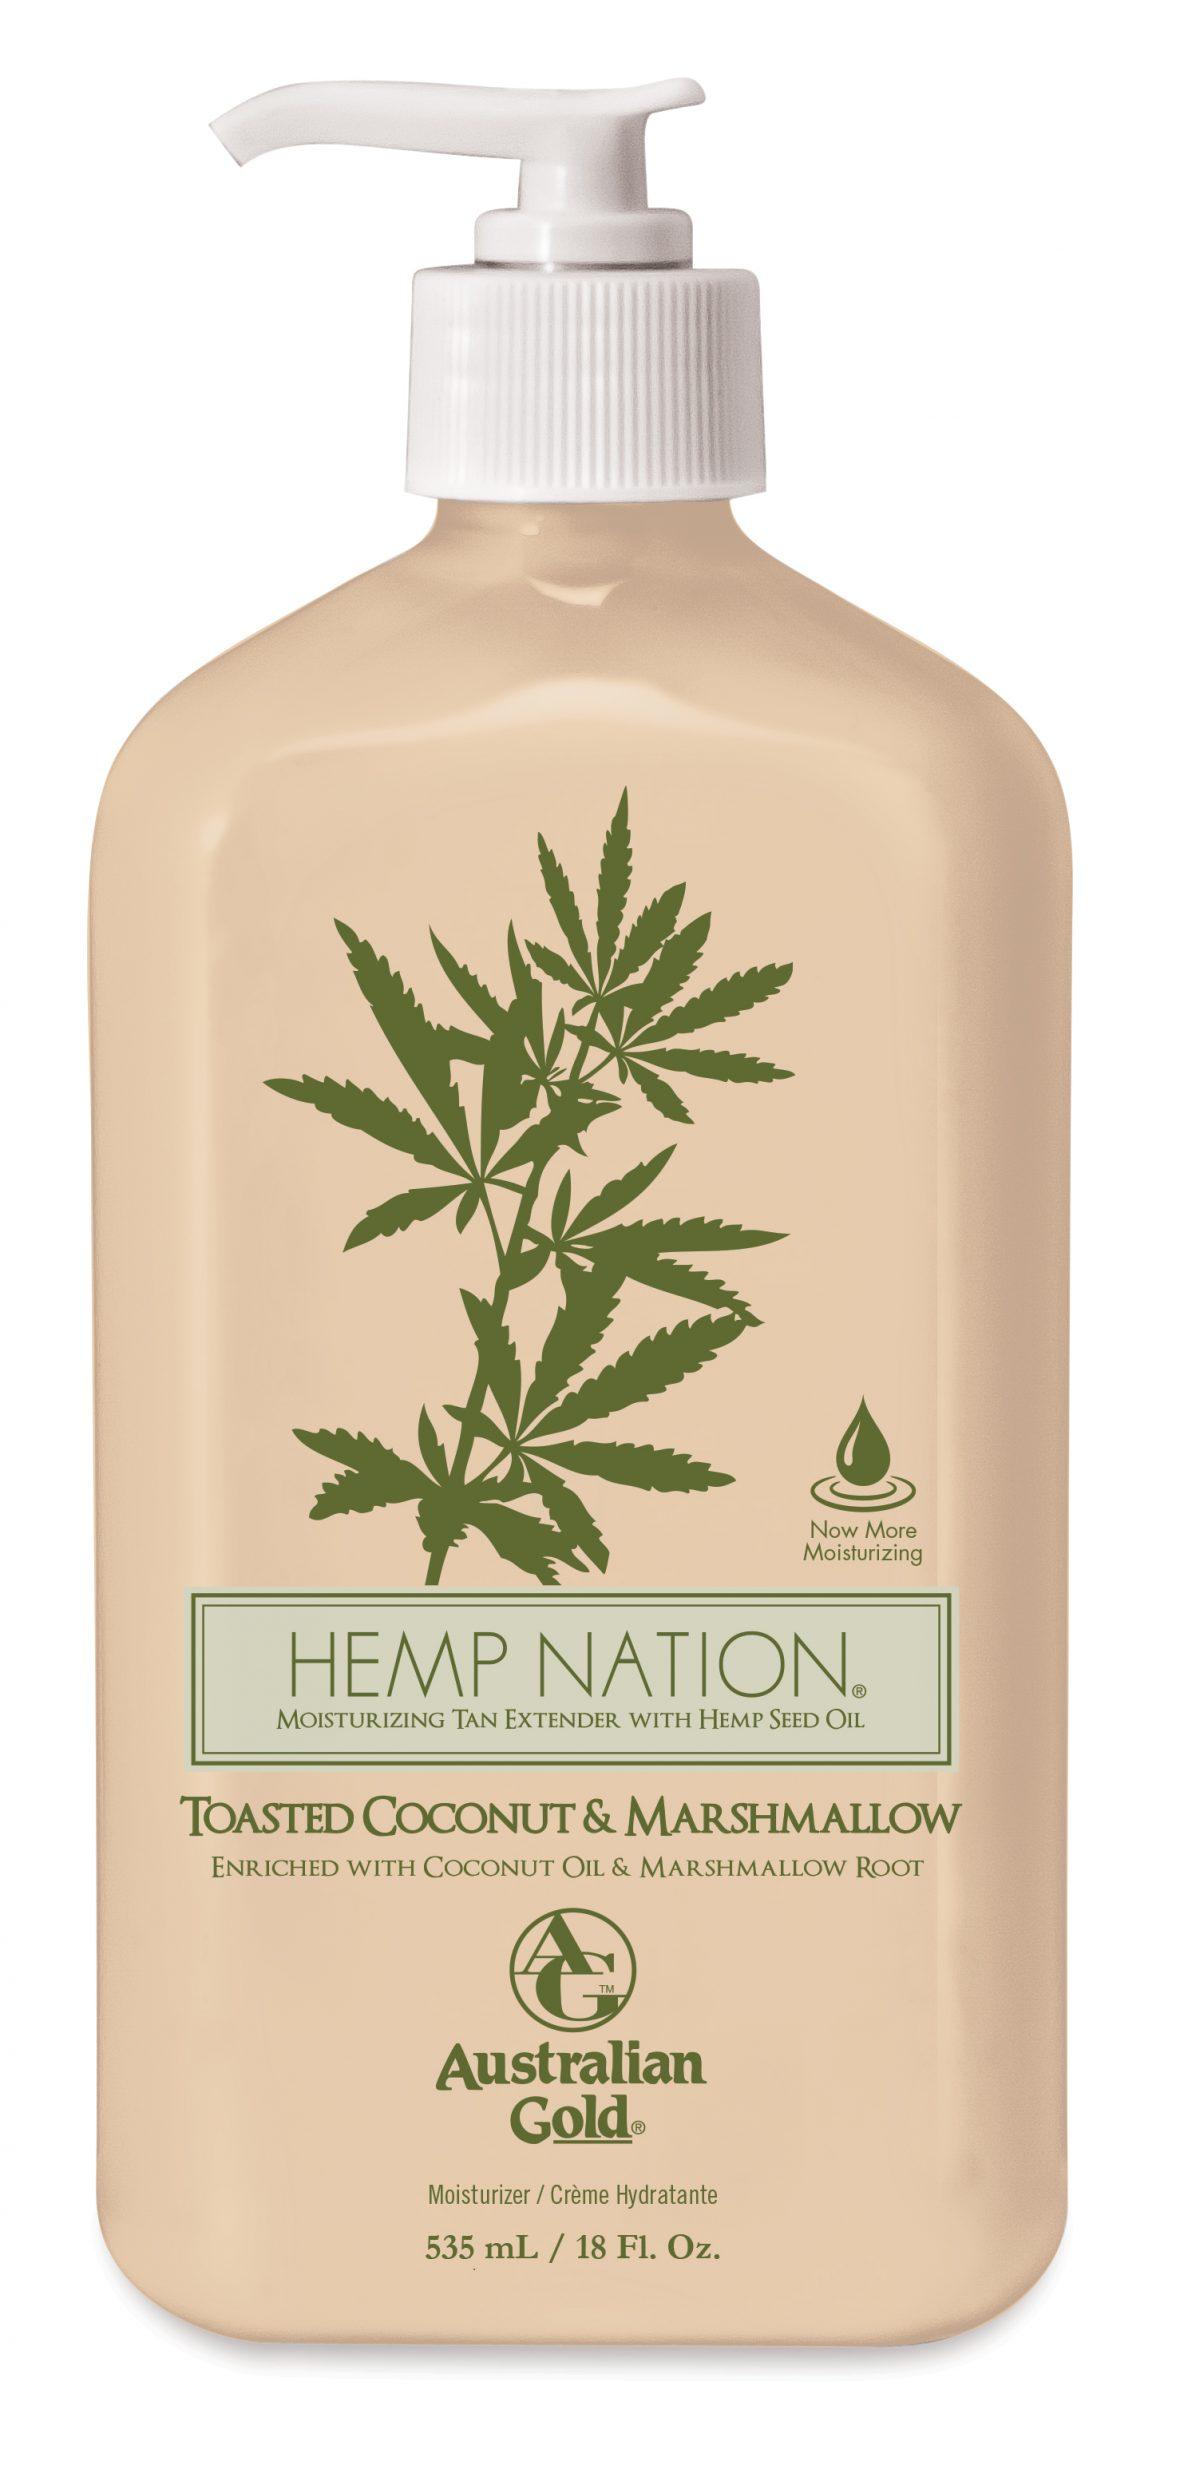 AG_HEMP_NATION_Toasted-Coconut-%26-Marshmallow-Tan-Extender-18oz